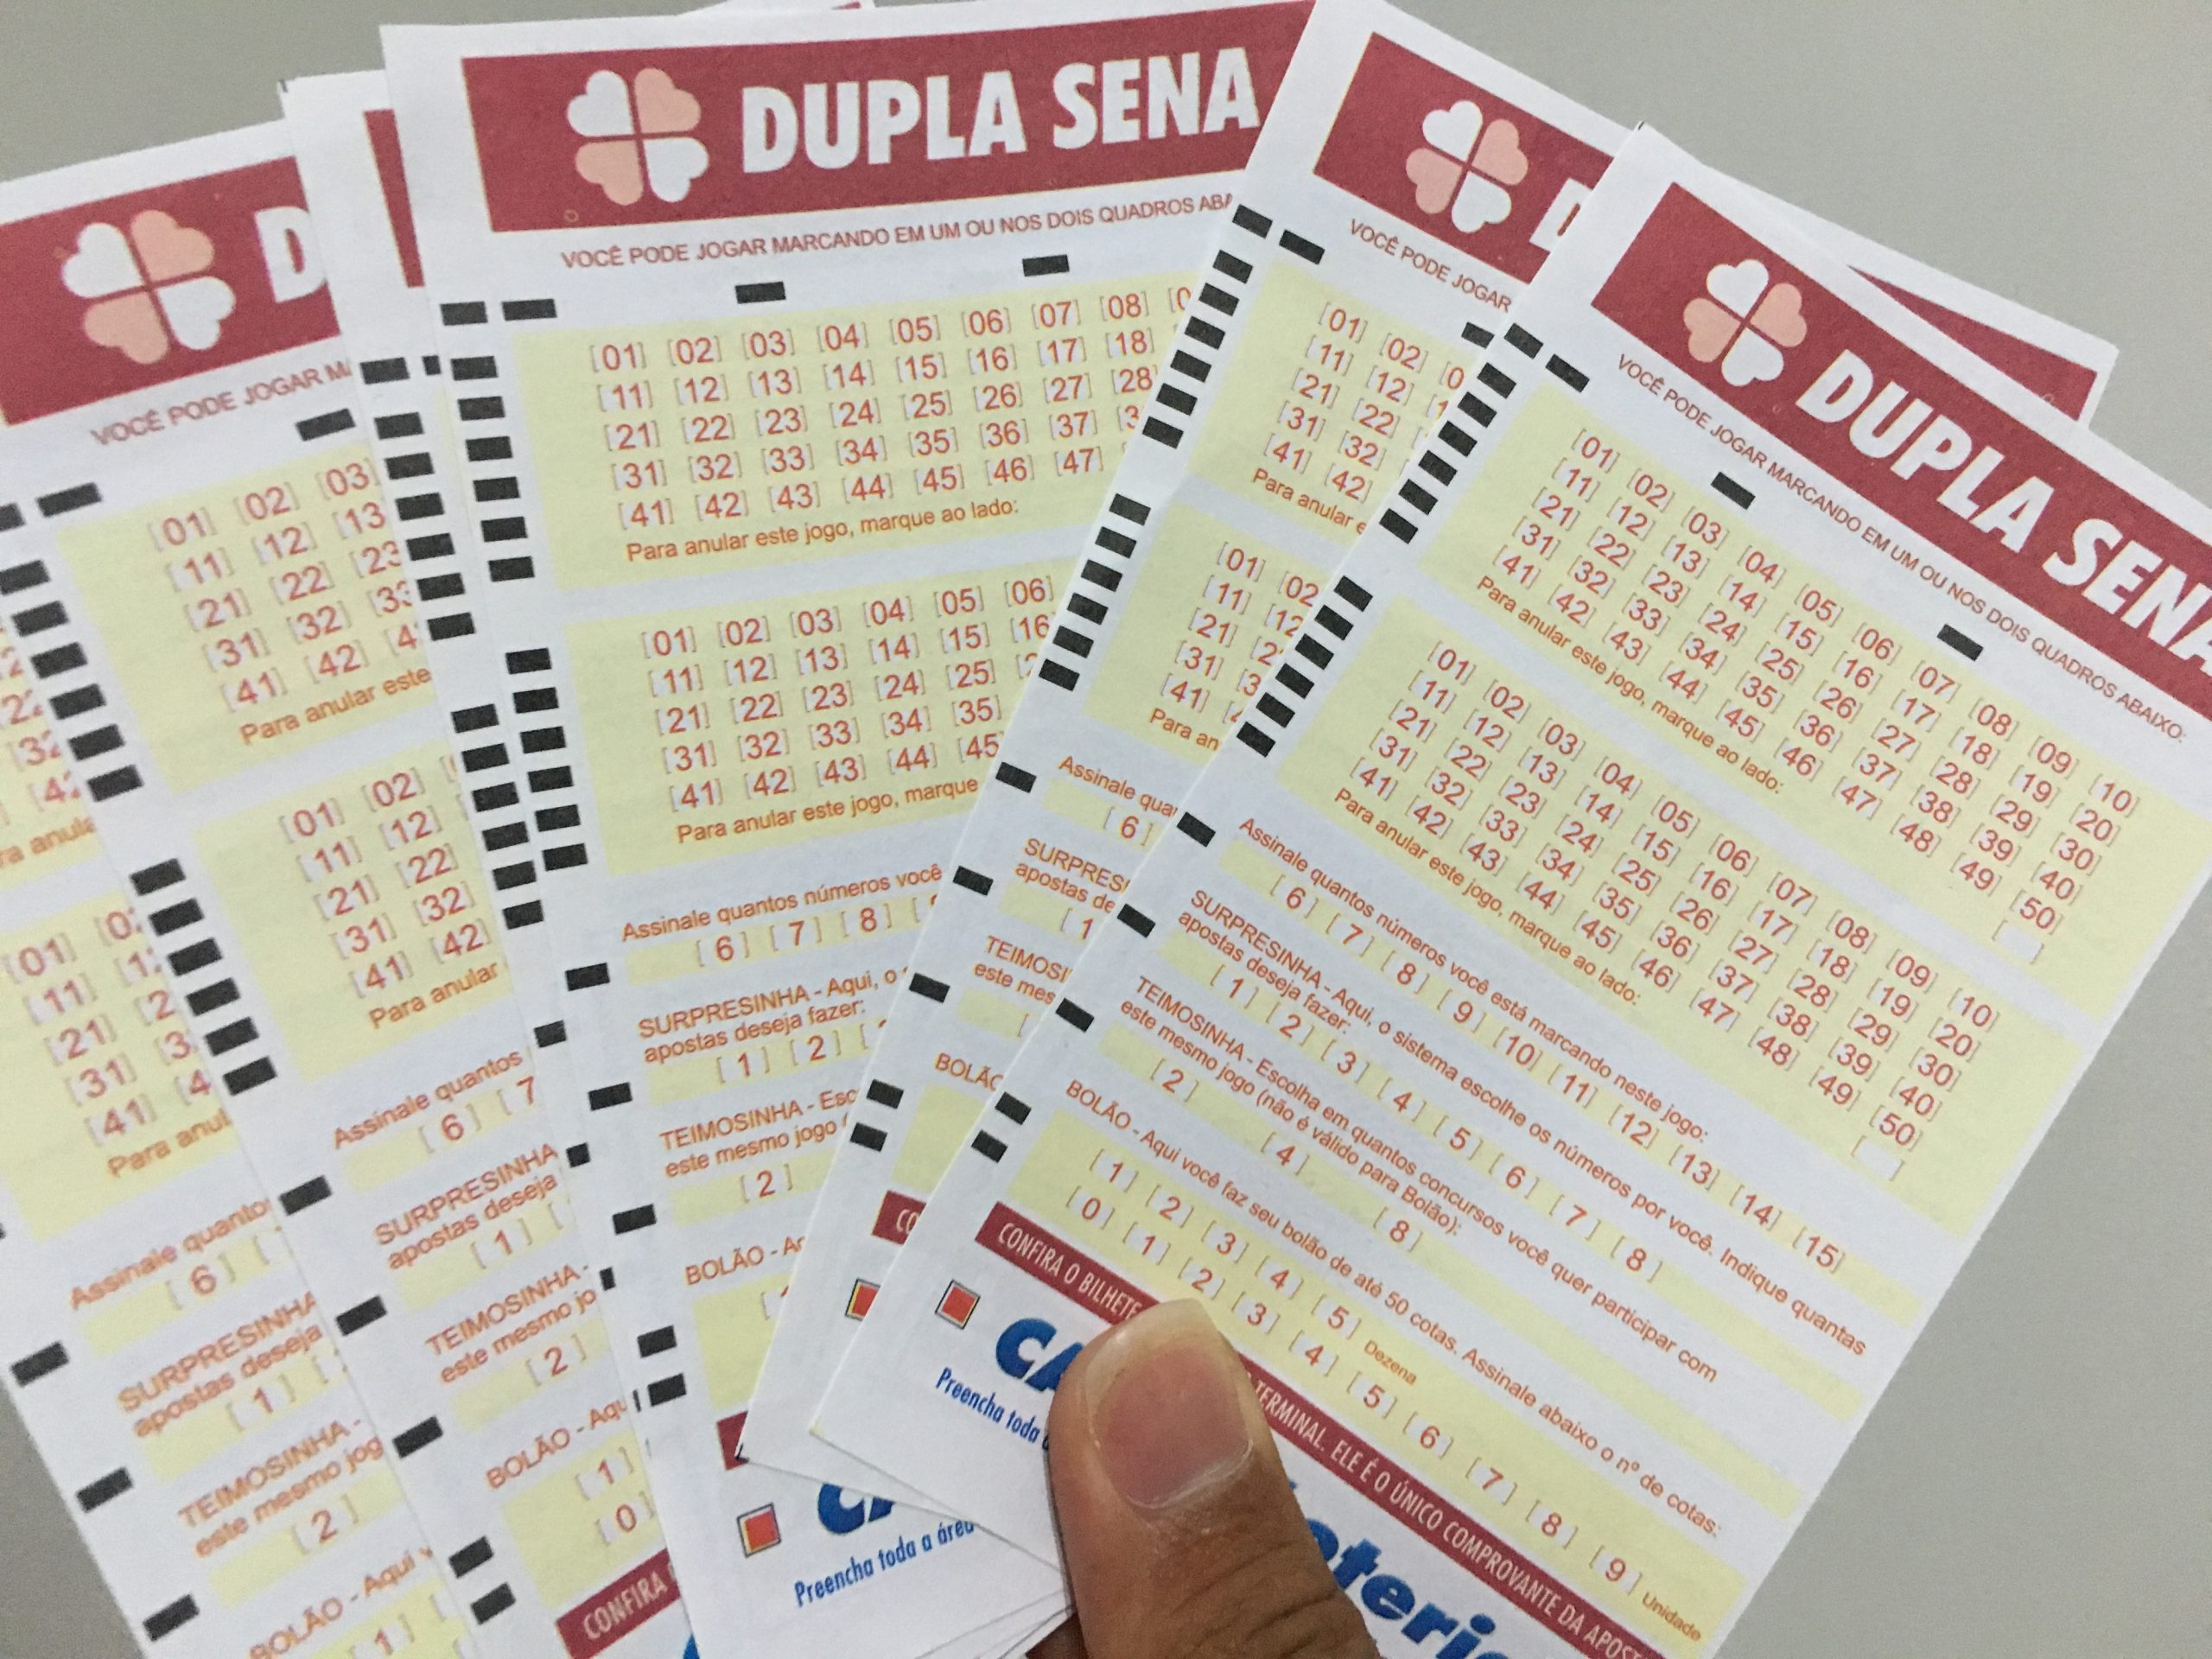 Resultado da Dupla Sena - Concurso 2285